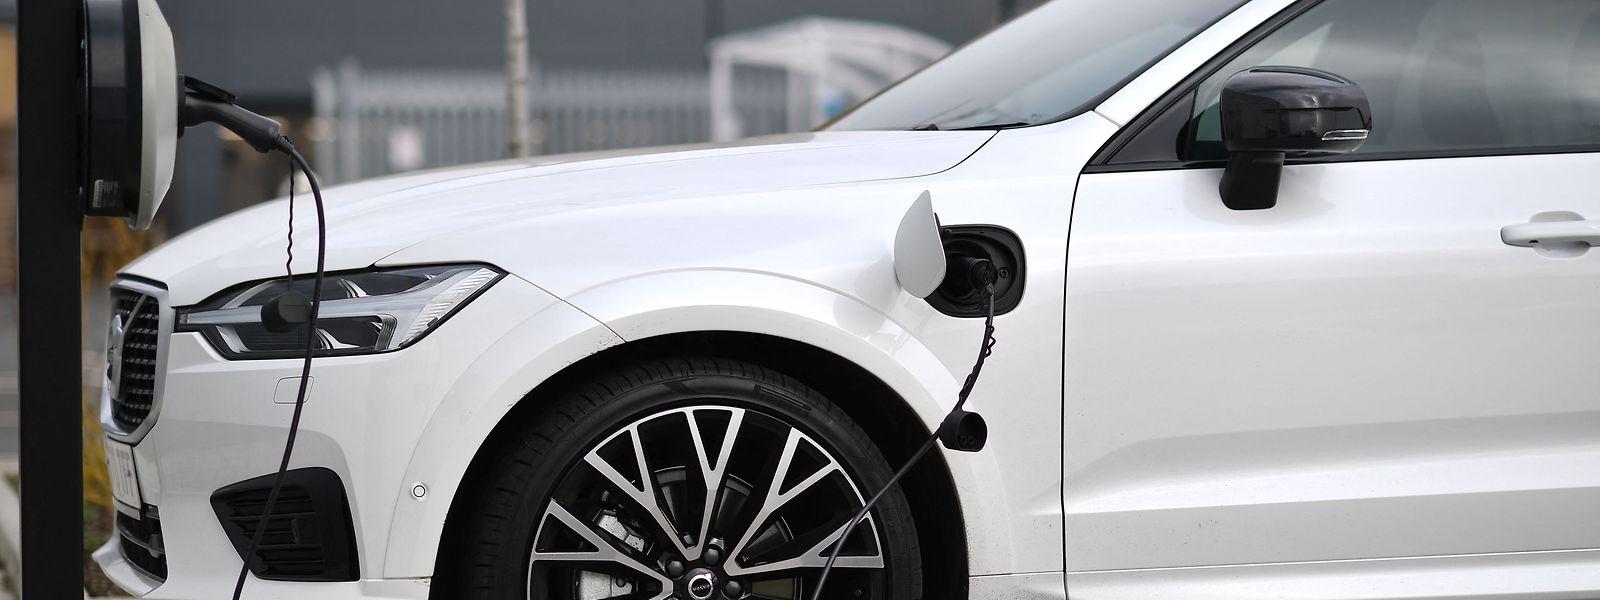 A fabricante Volvo anunciou recentemente que vai produzir veículos elétricos e vendê-los exclusivamente online.